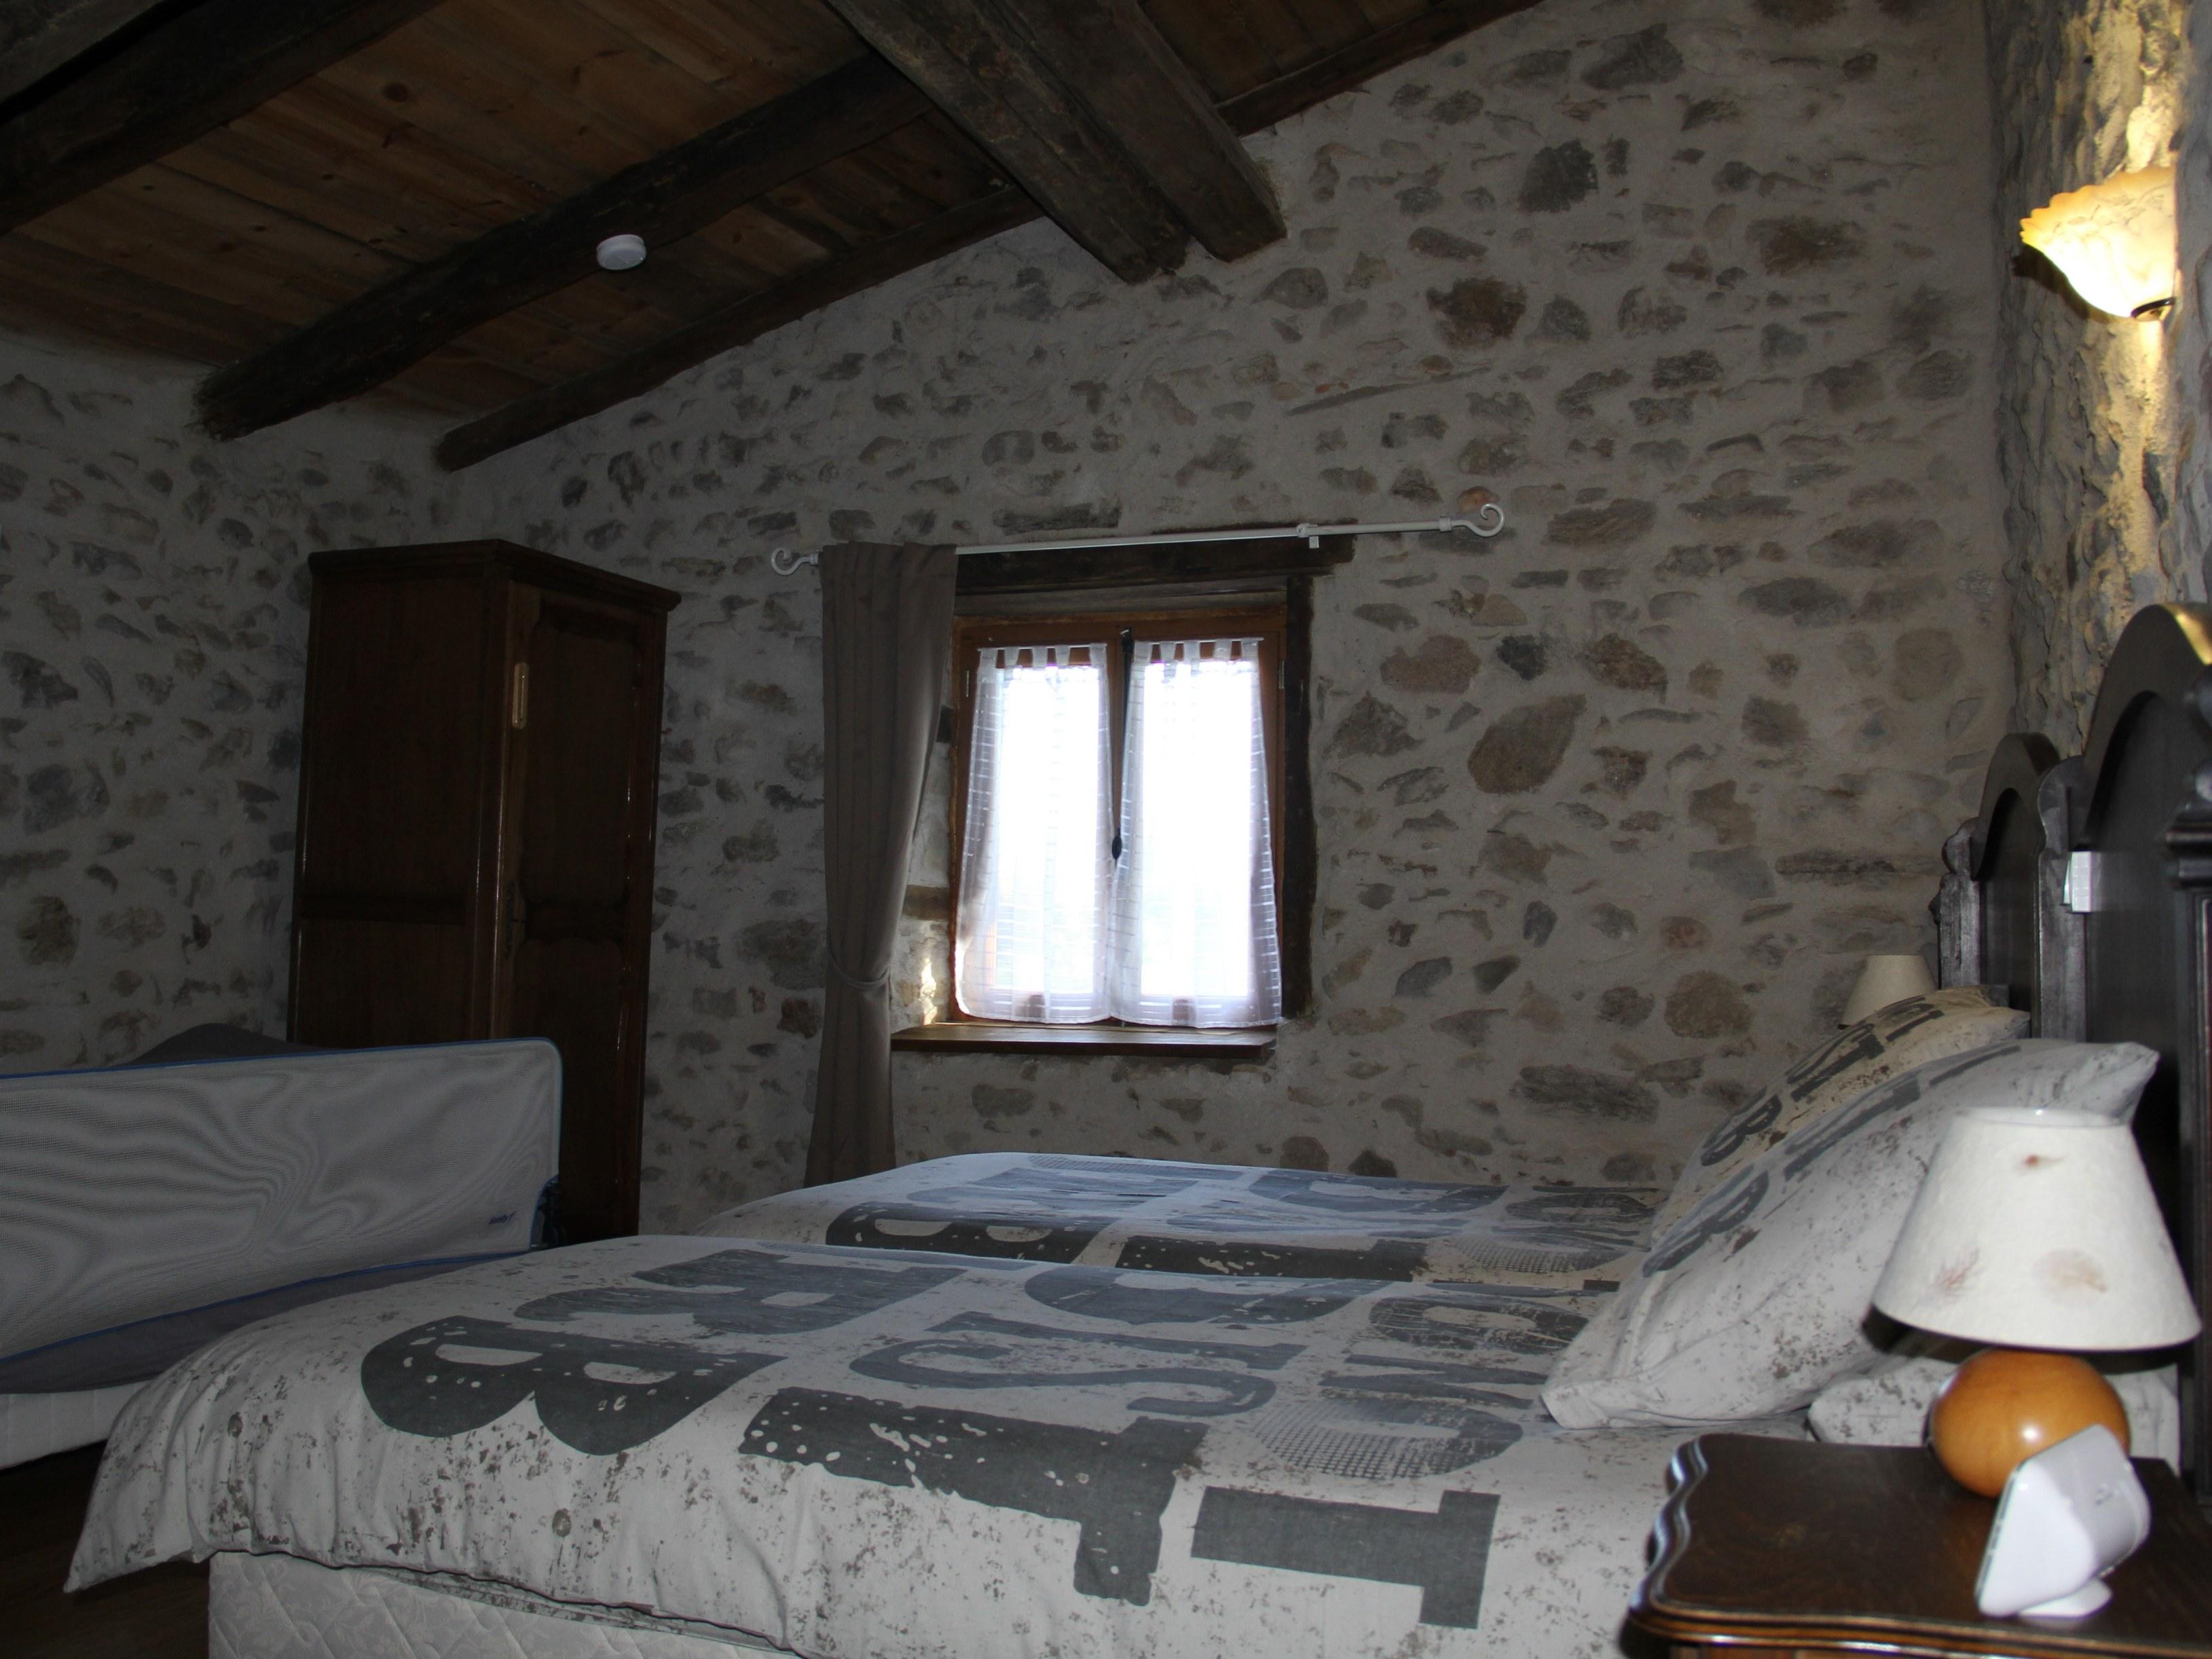 chambre-hotes-auvergne-lit-oreiller-parure-fenetre-lampe-chevet